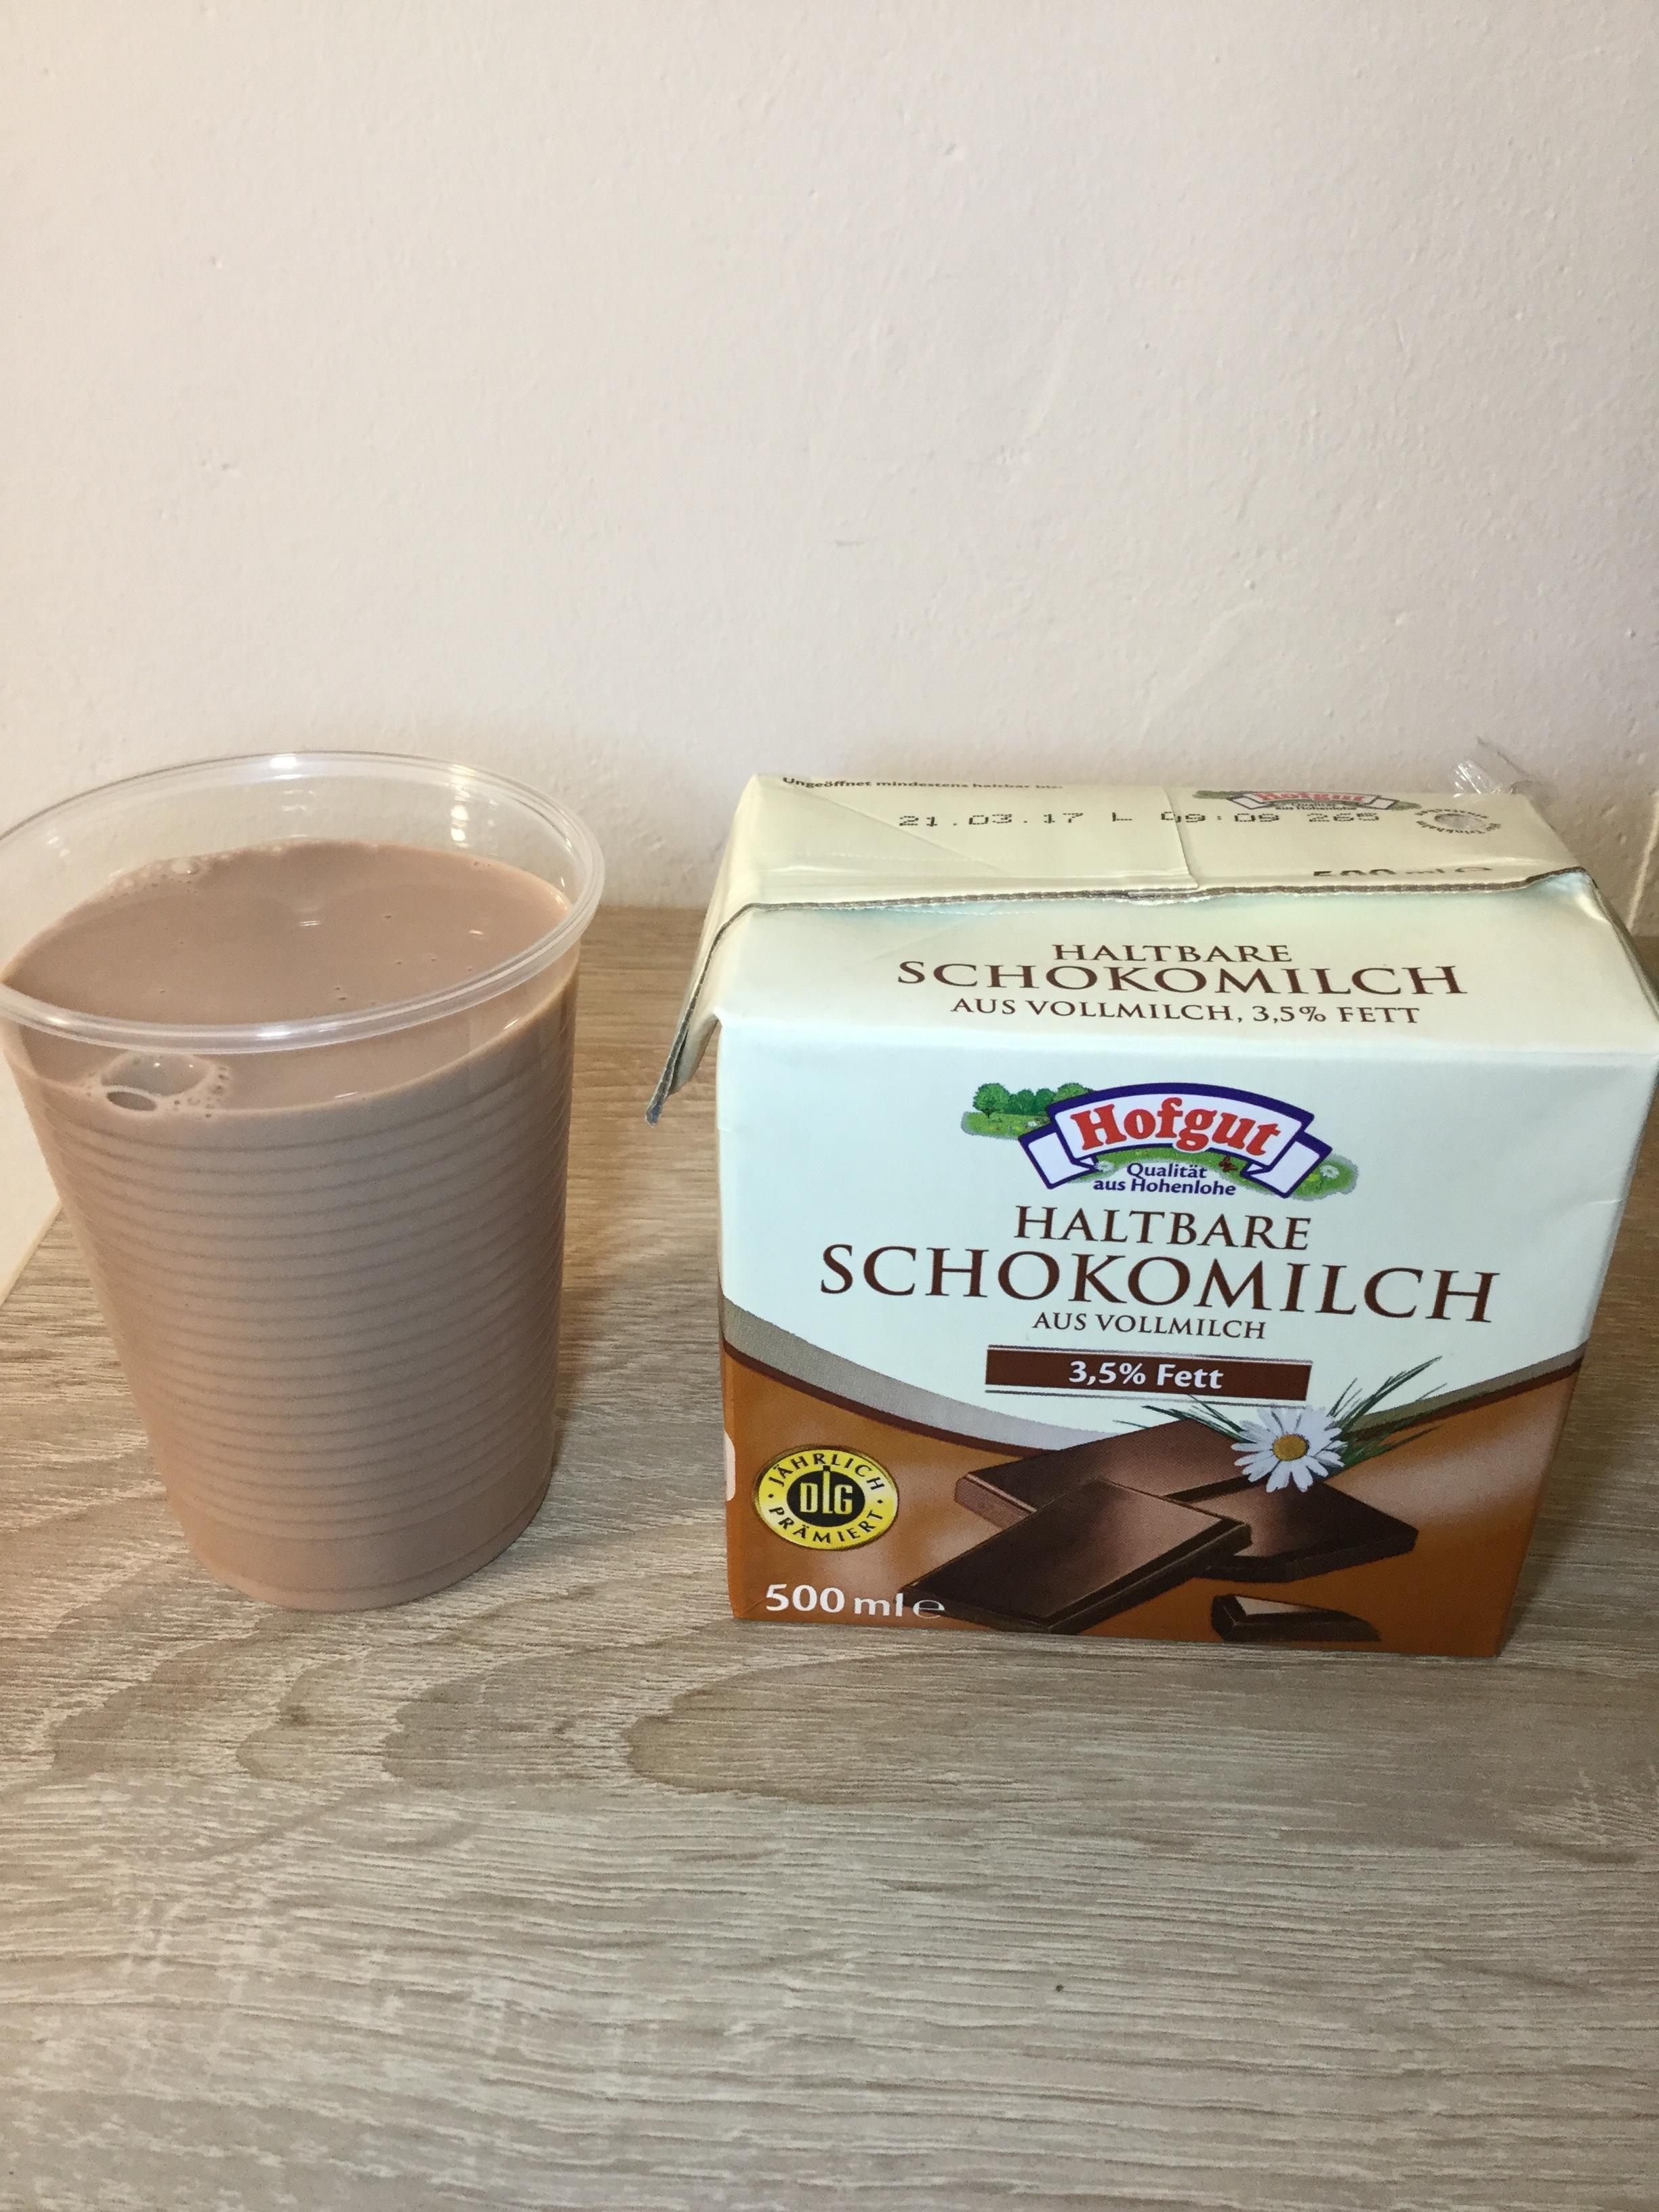 Hofgut Haltbare Schokomilch Cup